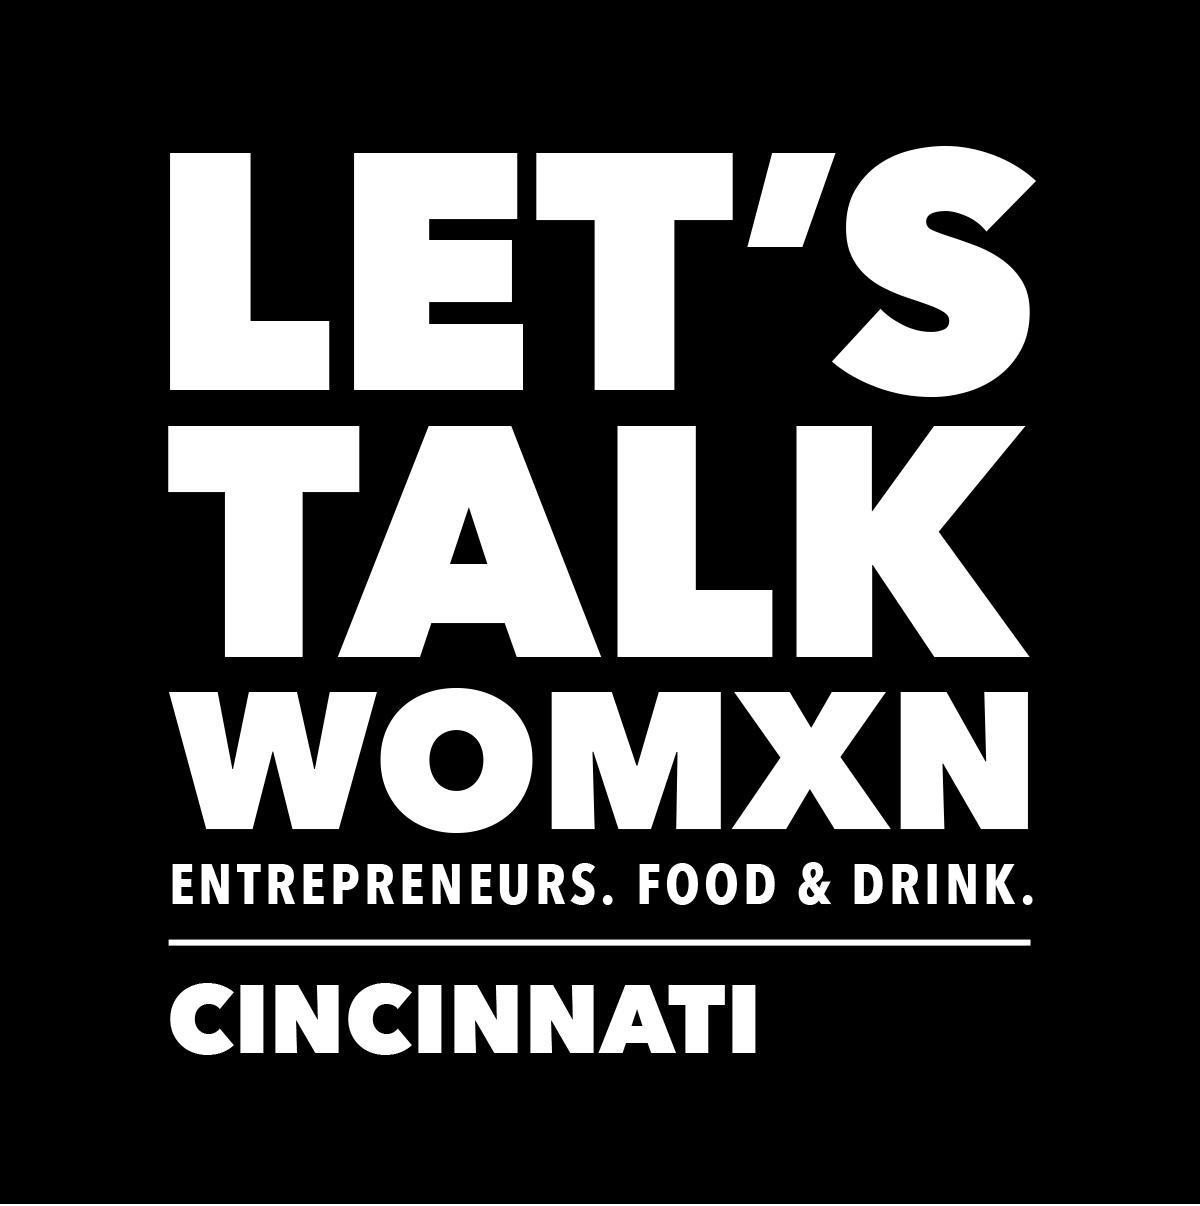 Let's Talk Womxn - Cincinnati